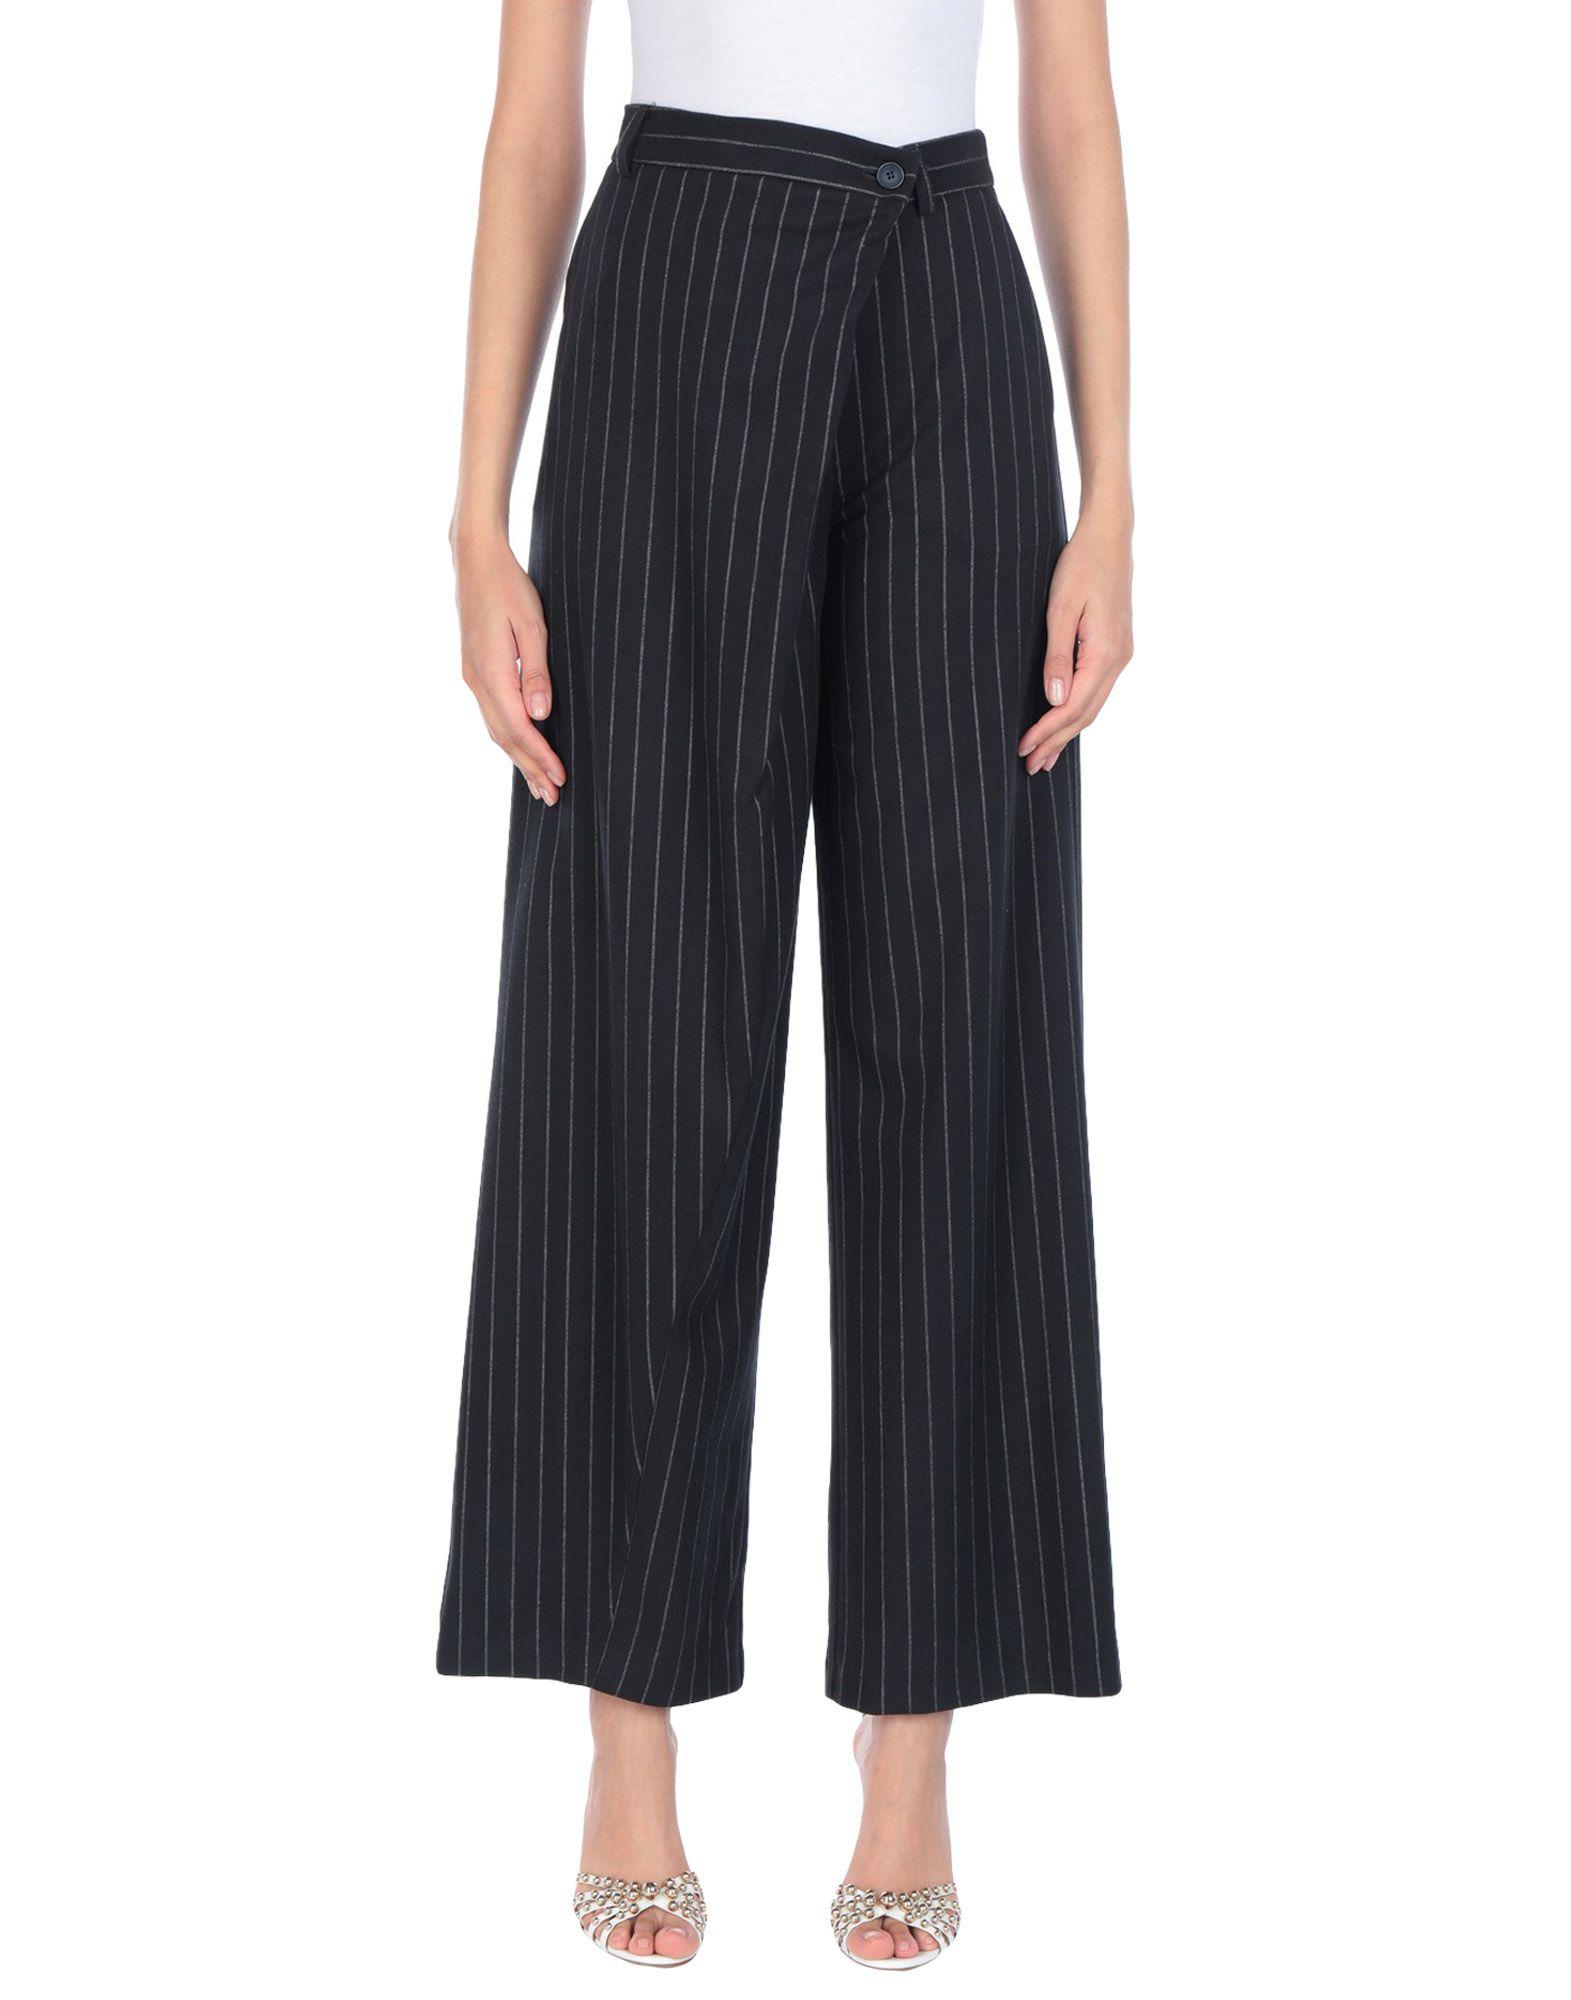 цены на RUE•8ISQUIT Повседневные брюки  в интернет-магазинах